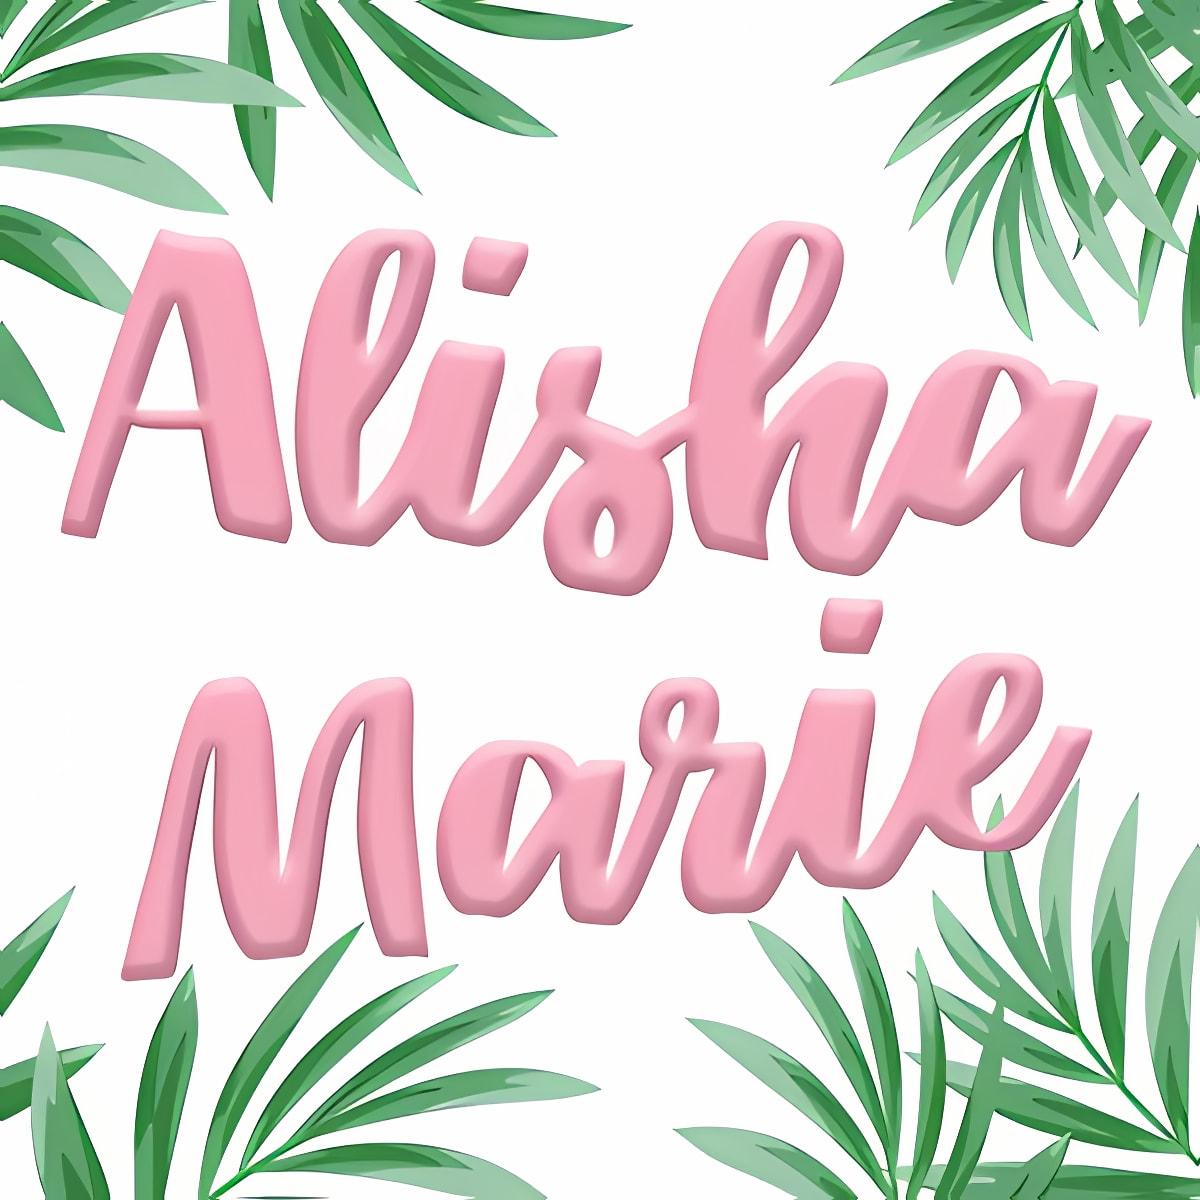 Alisha Marie 6.8.0